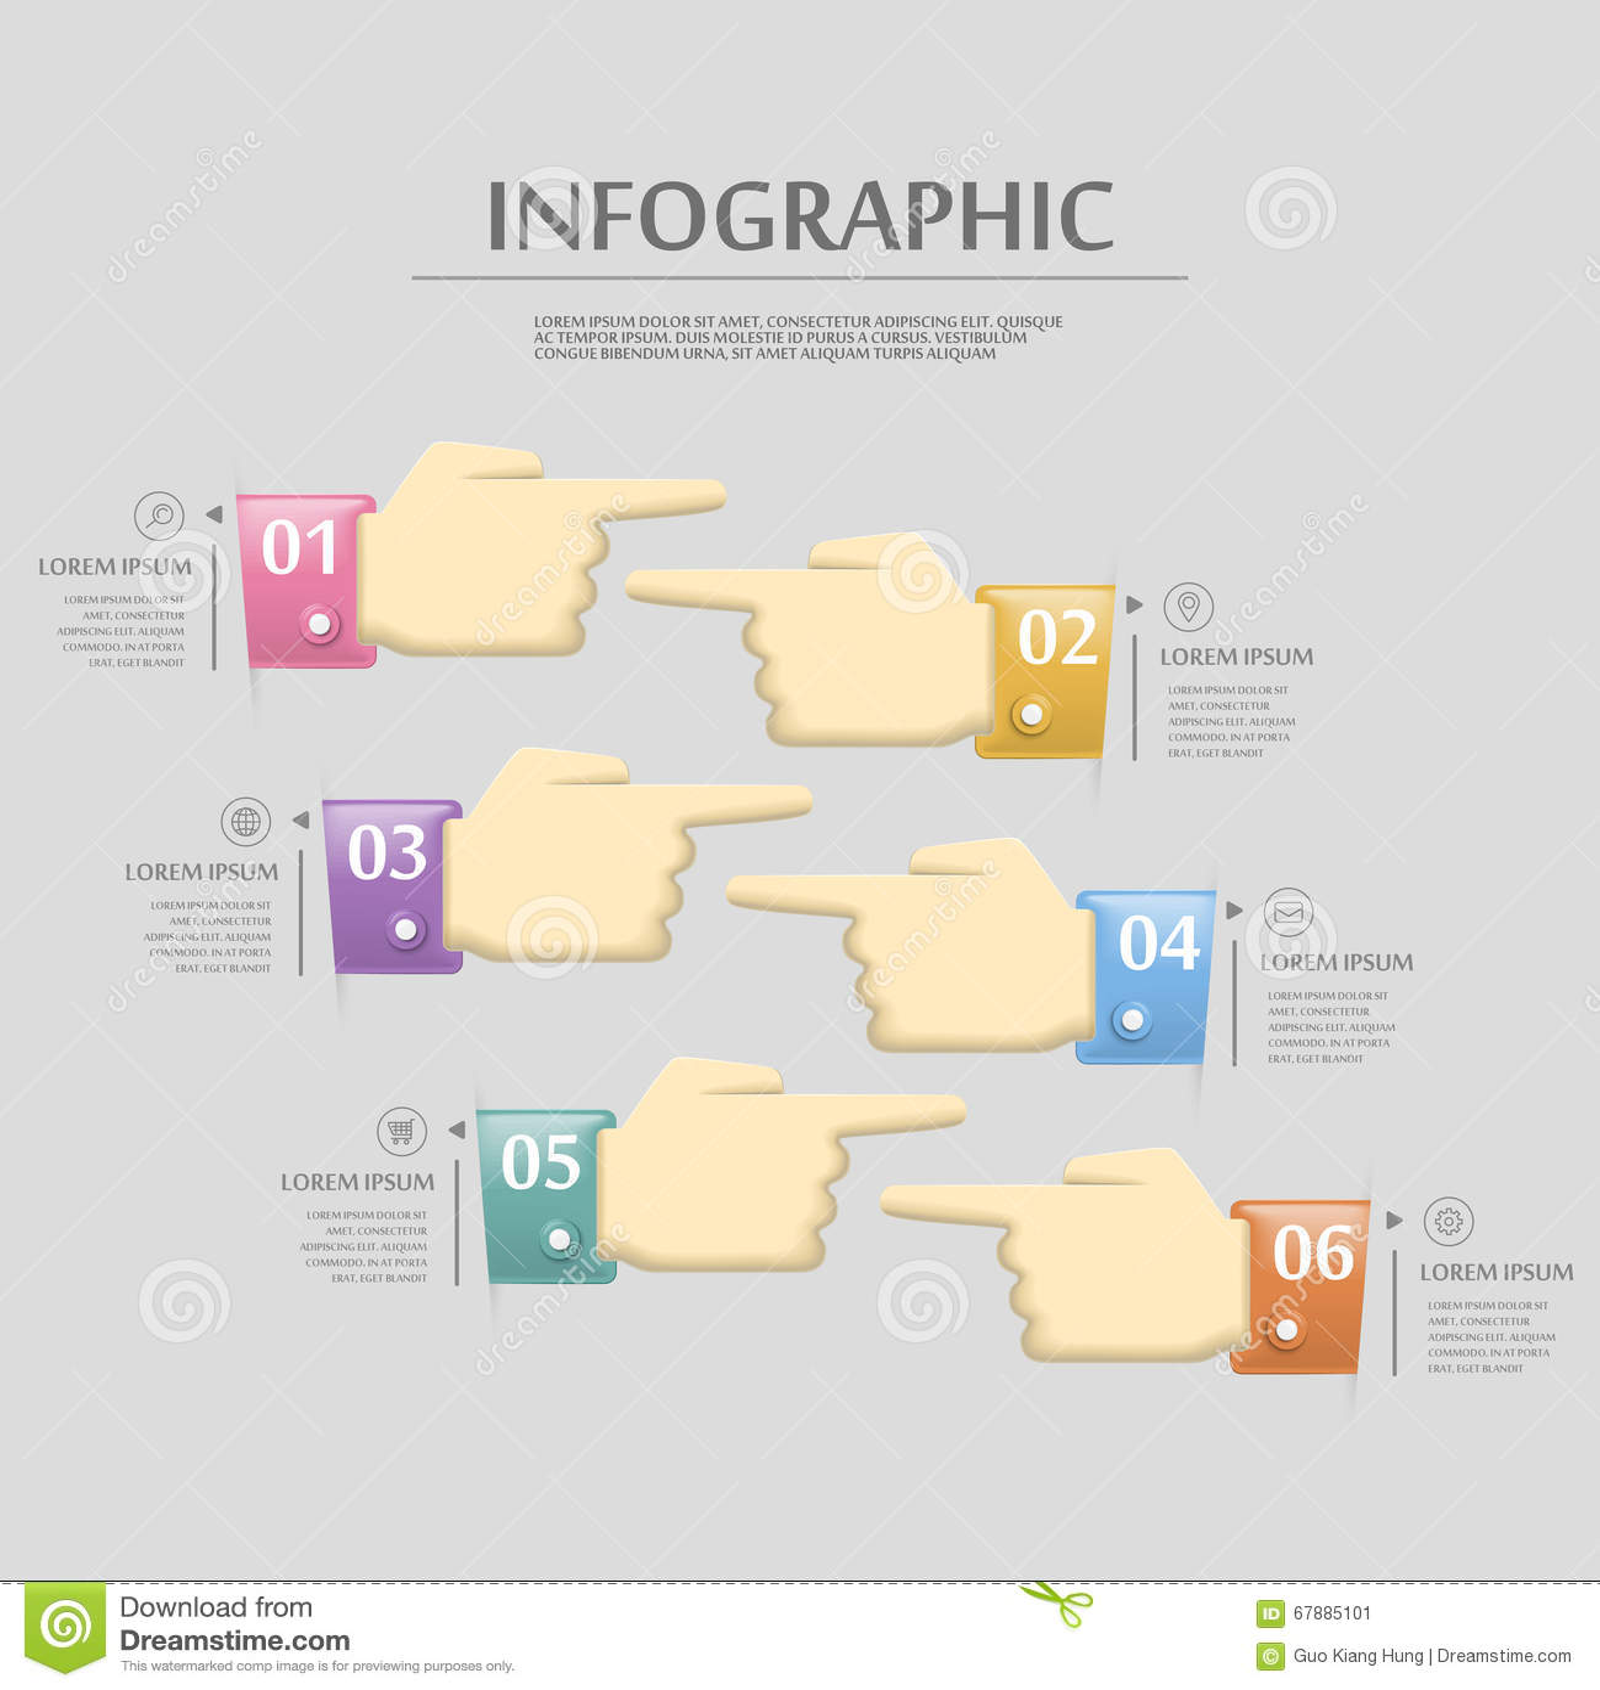 可爱的infographic模板